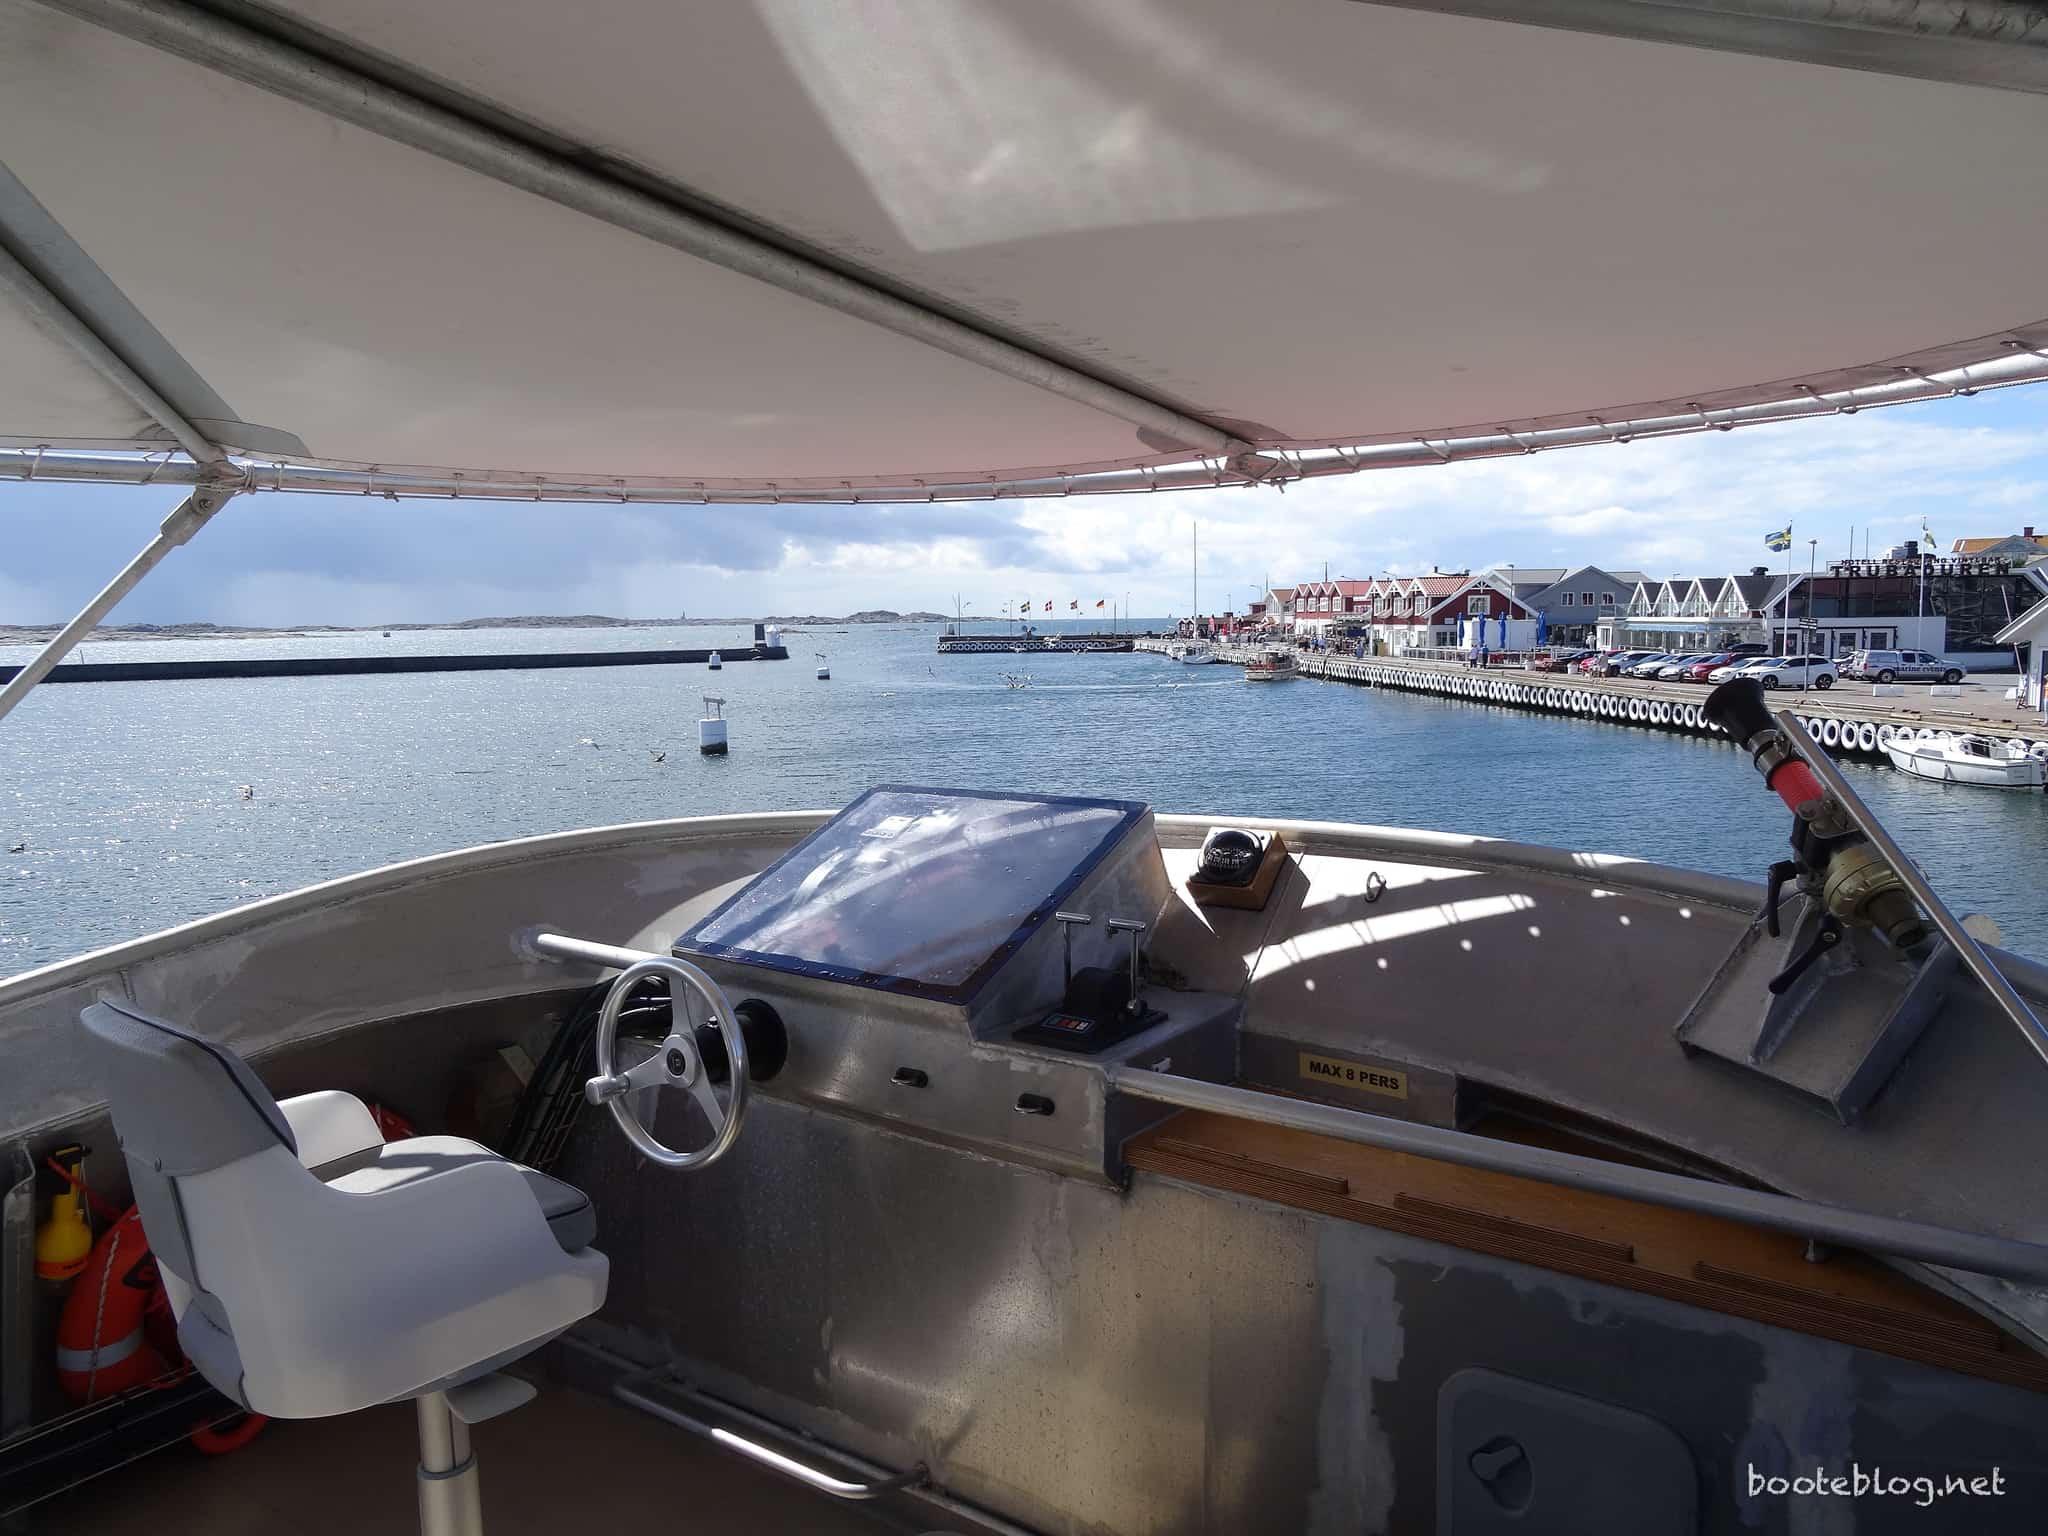 Die Flybridge mit Sonnenschutz, voller Navigation und (kleiner) Feuerlöschkanone.